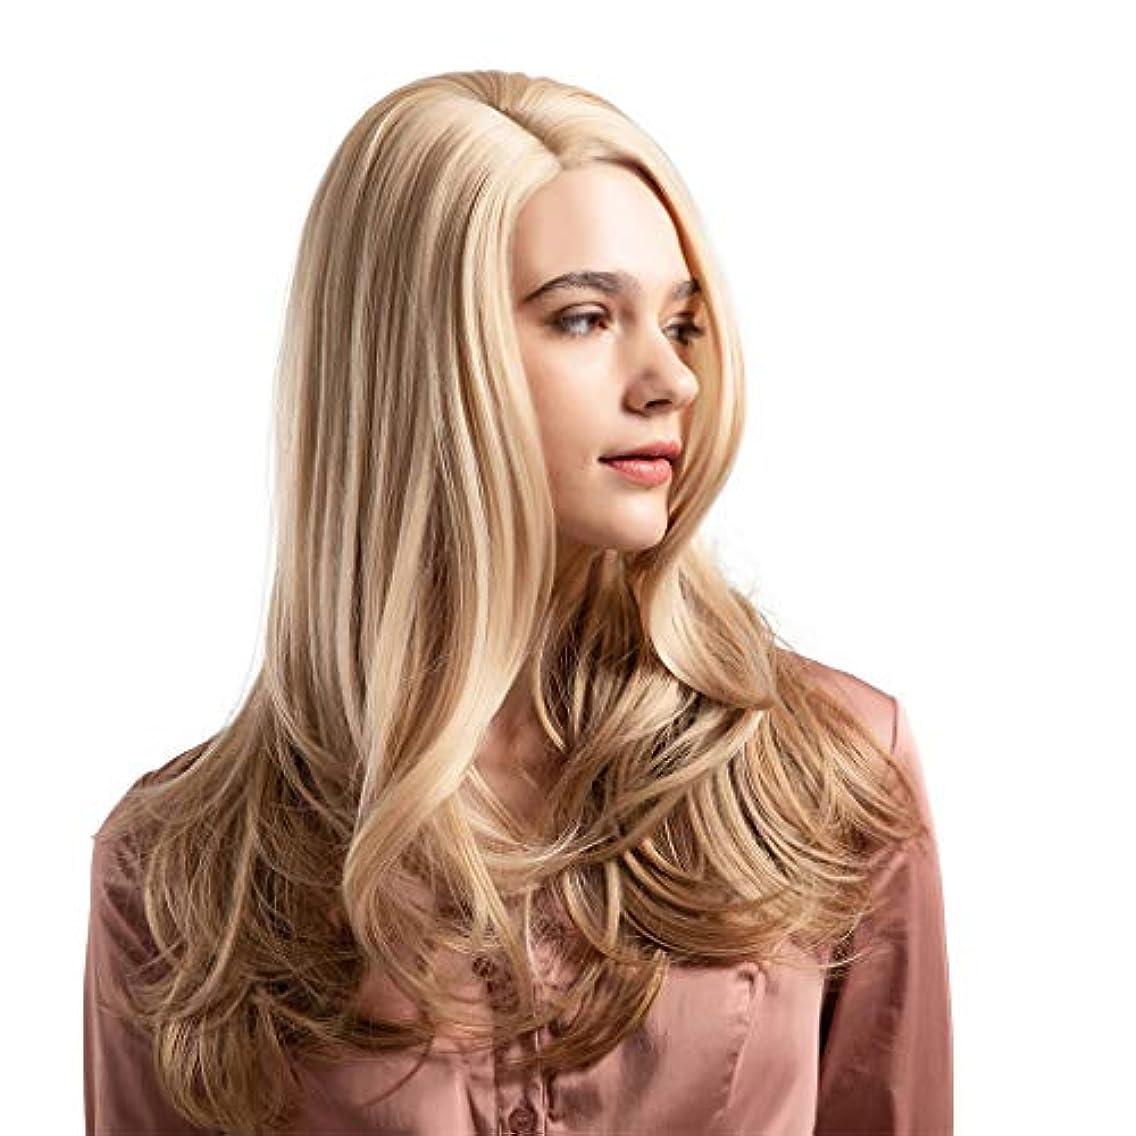 尋ねる道徳のディスパッチウィッグ女性黄金の大きな波状の巻き毛の高温シルクウィッグ22インチ